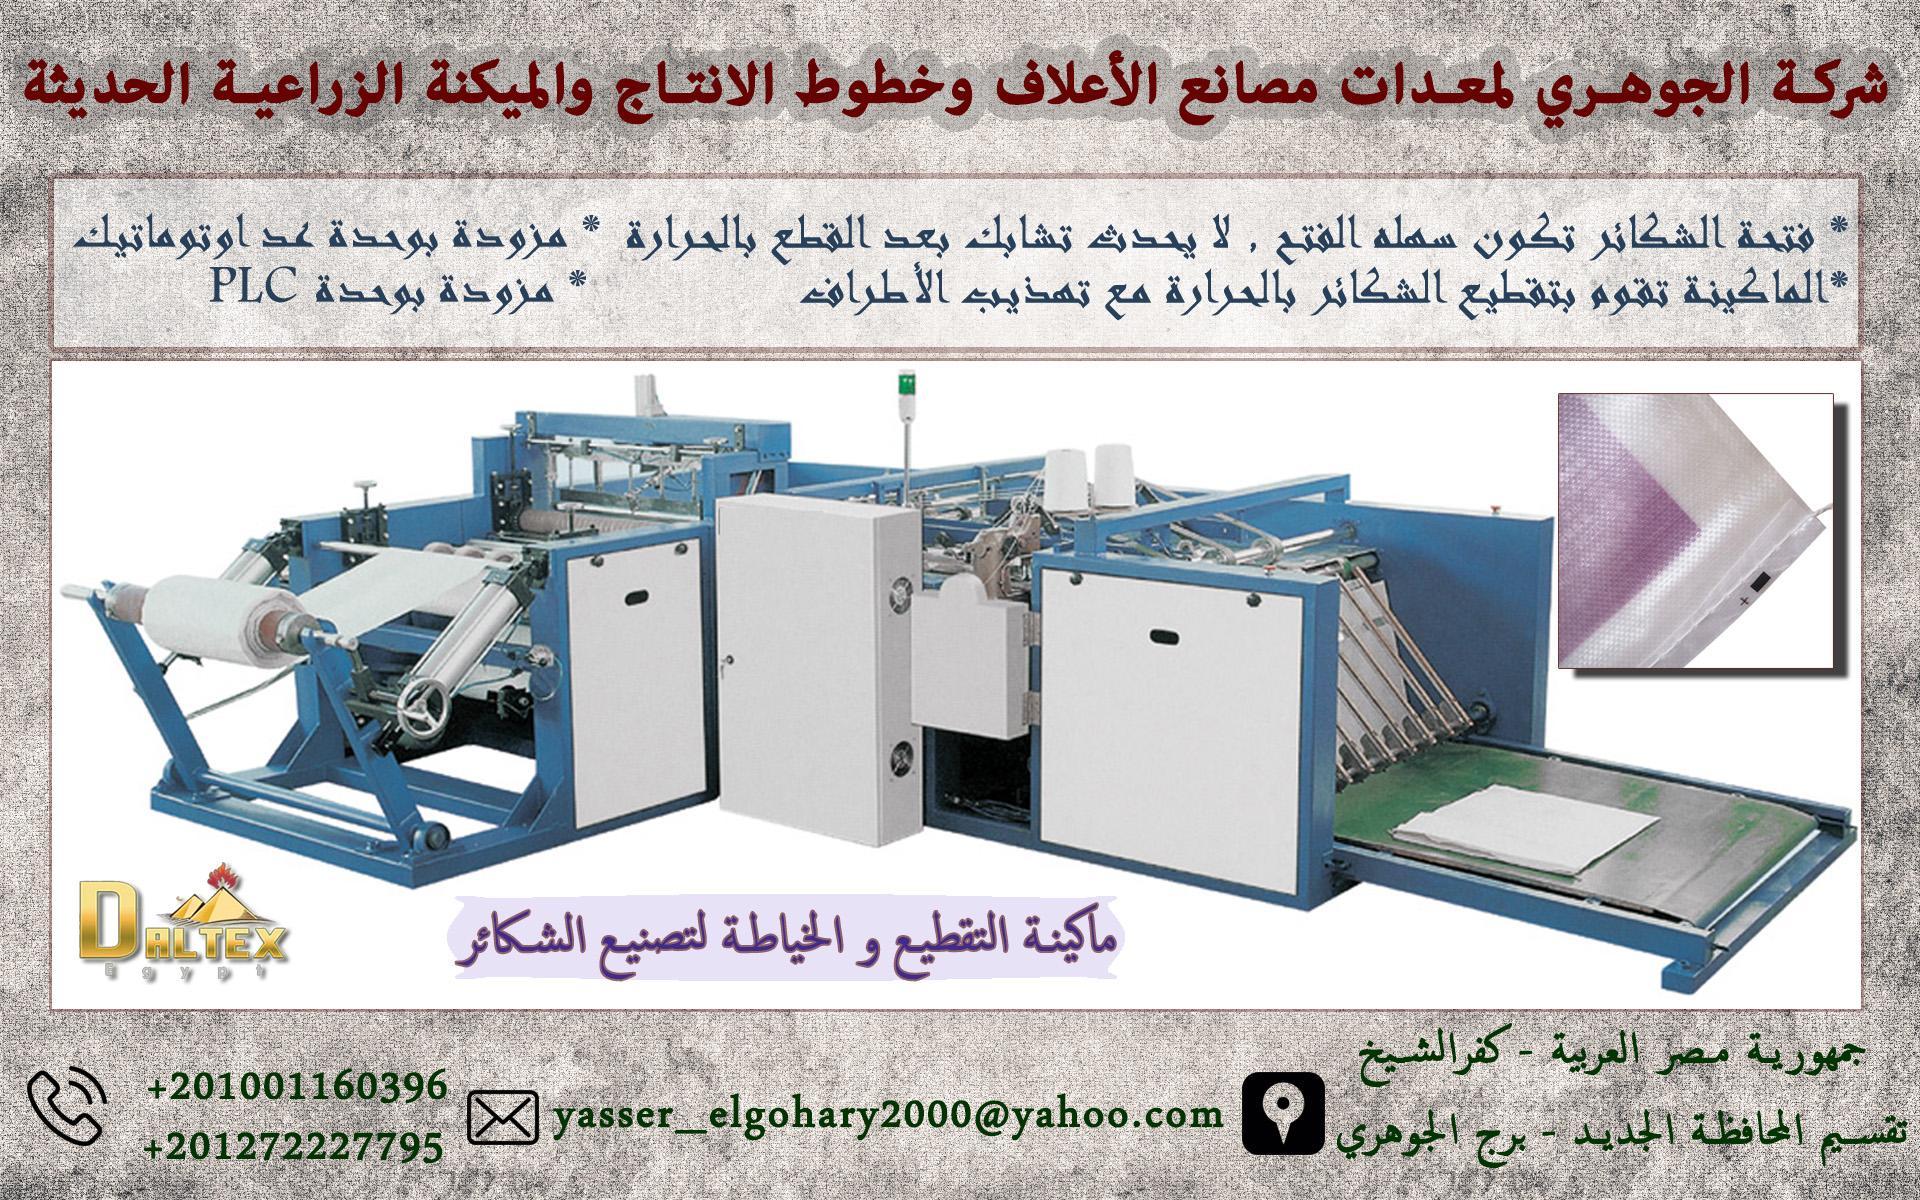 ماكينة القص الخياطه لتصنيع الشكائر 456890815.jpg